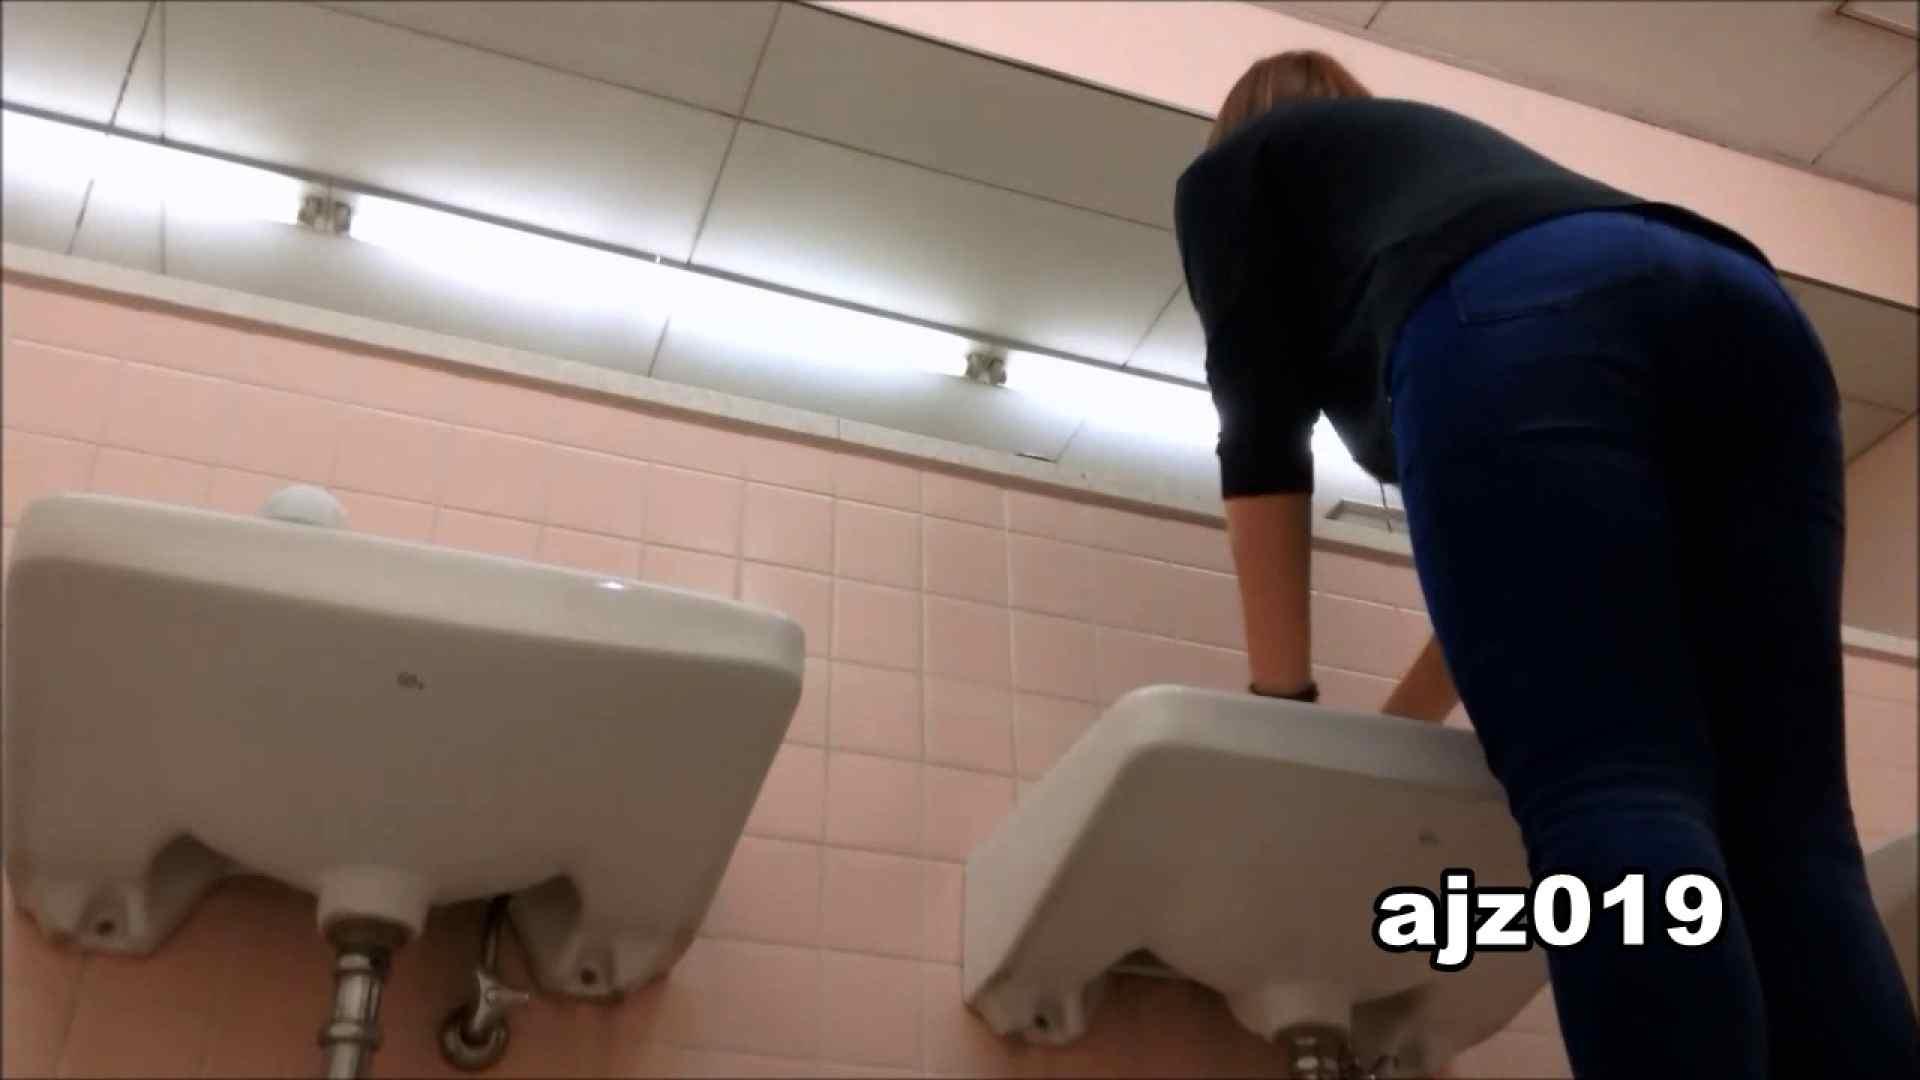 某有名大学女性洗面所 vol.19 洗面所 盗み撮りオマンコ動画キャプチャ 109PICs 59